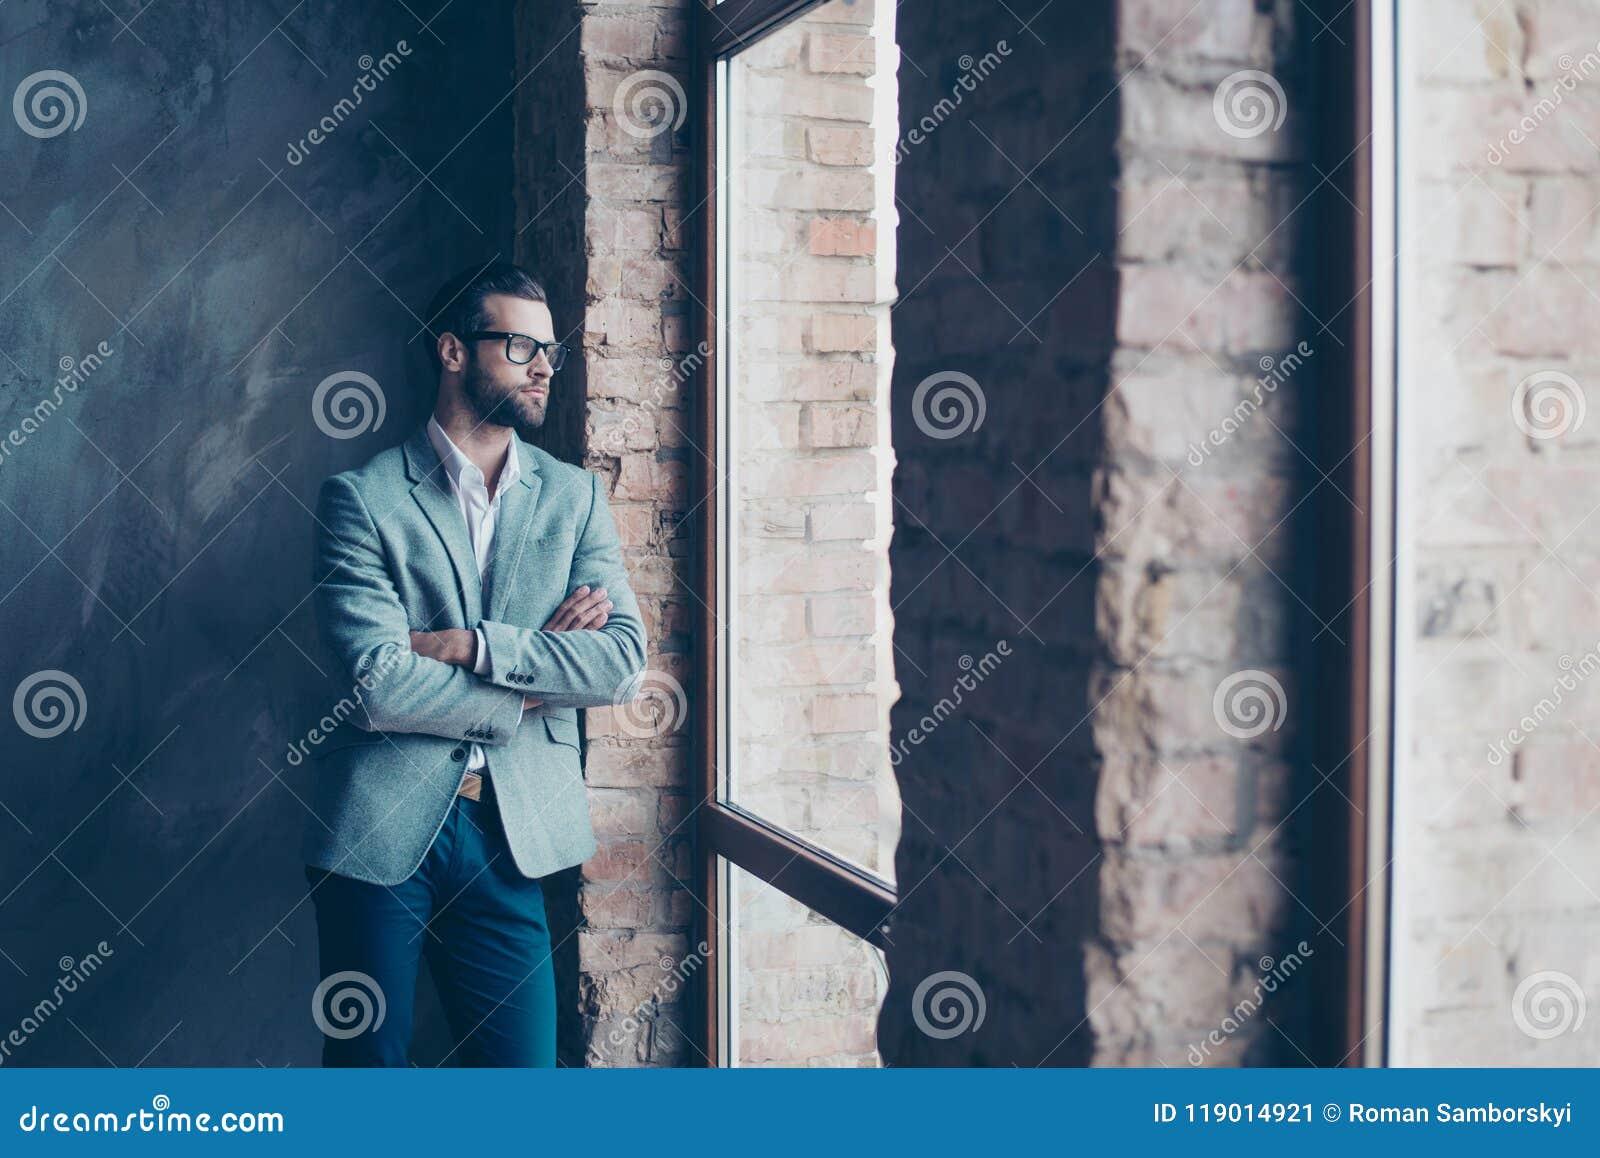 Sfera differente 3d Il giovane uomo barbuto alla moda sta stando vicino al